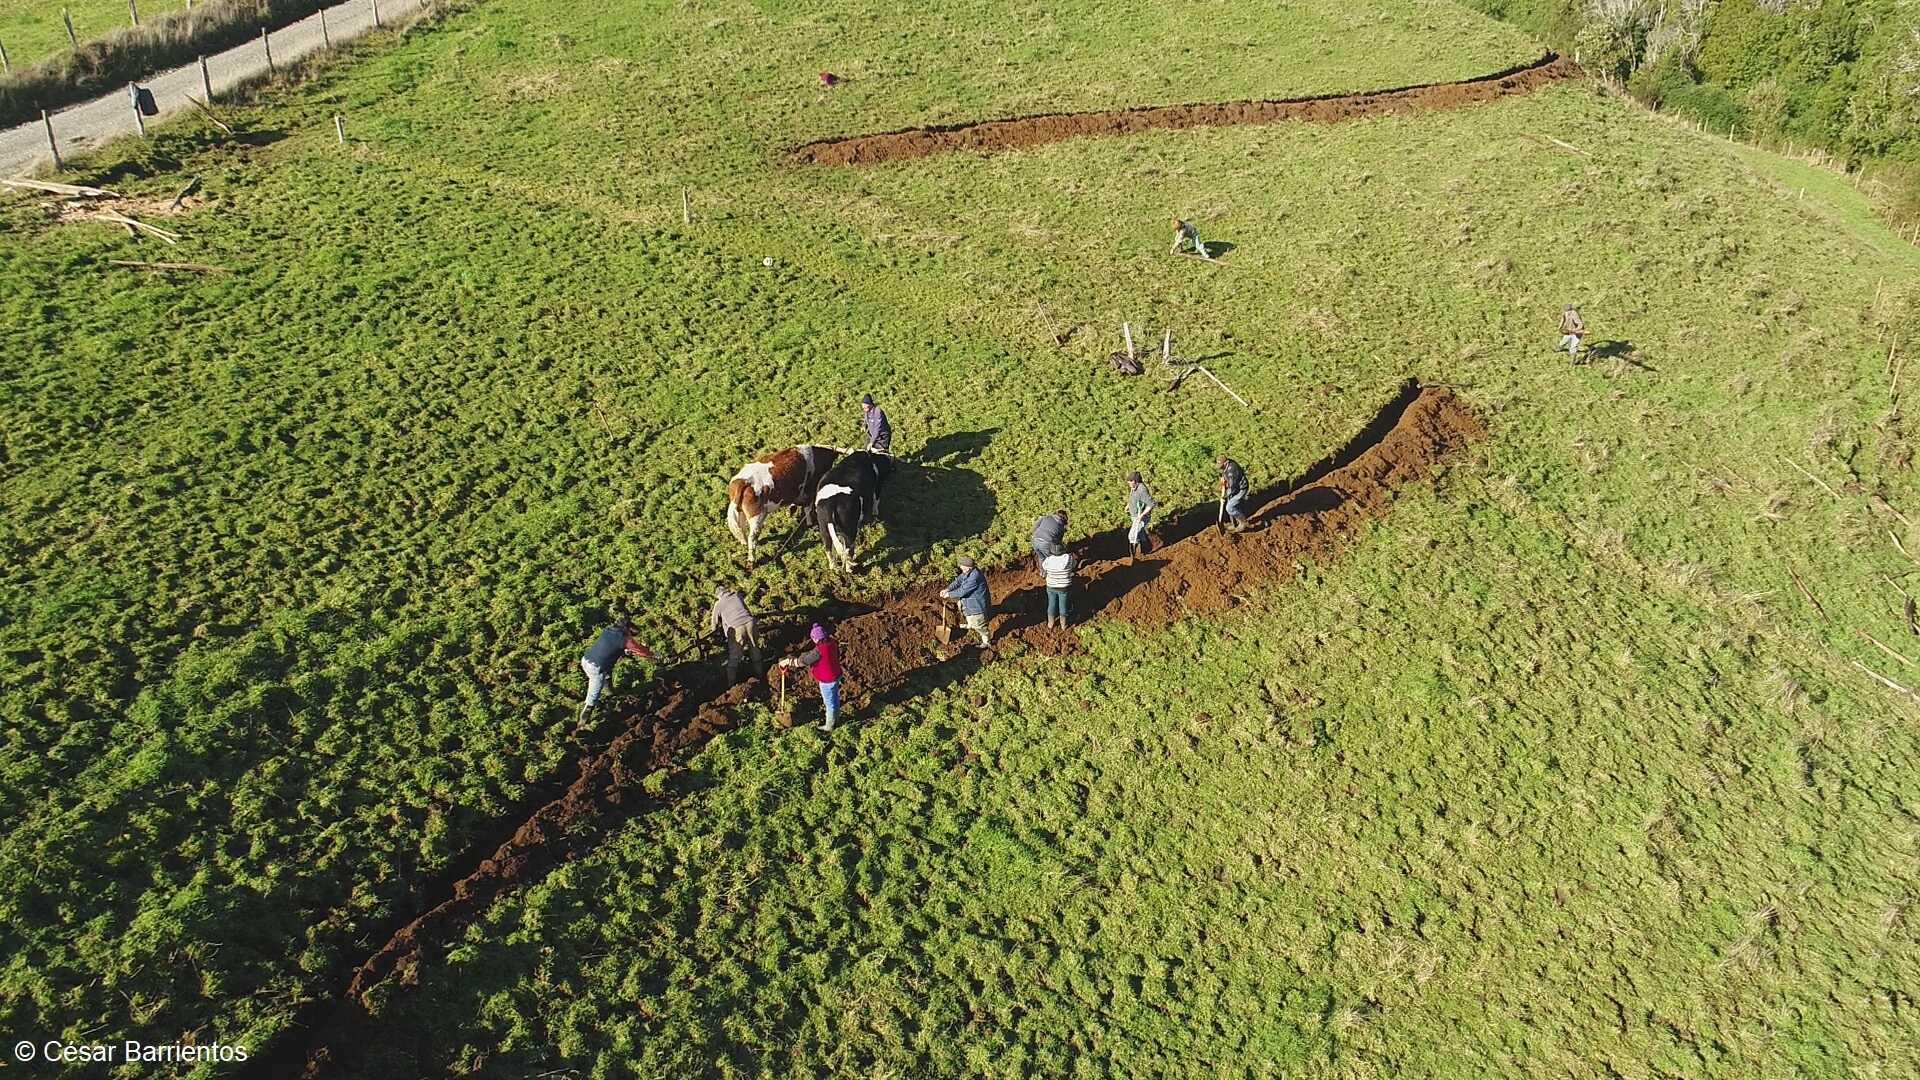 Cómo el uso sustentable del territorio devolvió el agua a comunidad rural de Chiloé